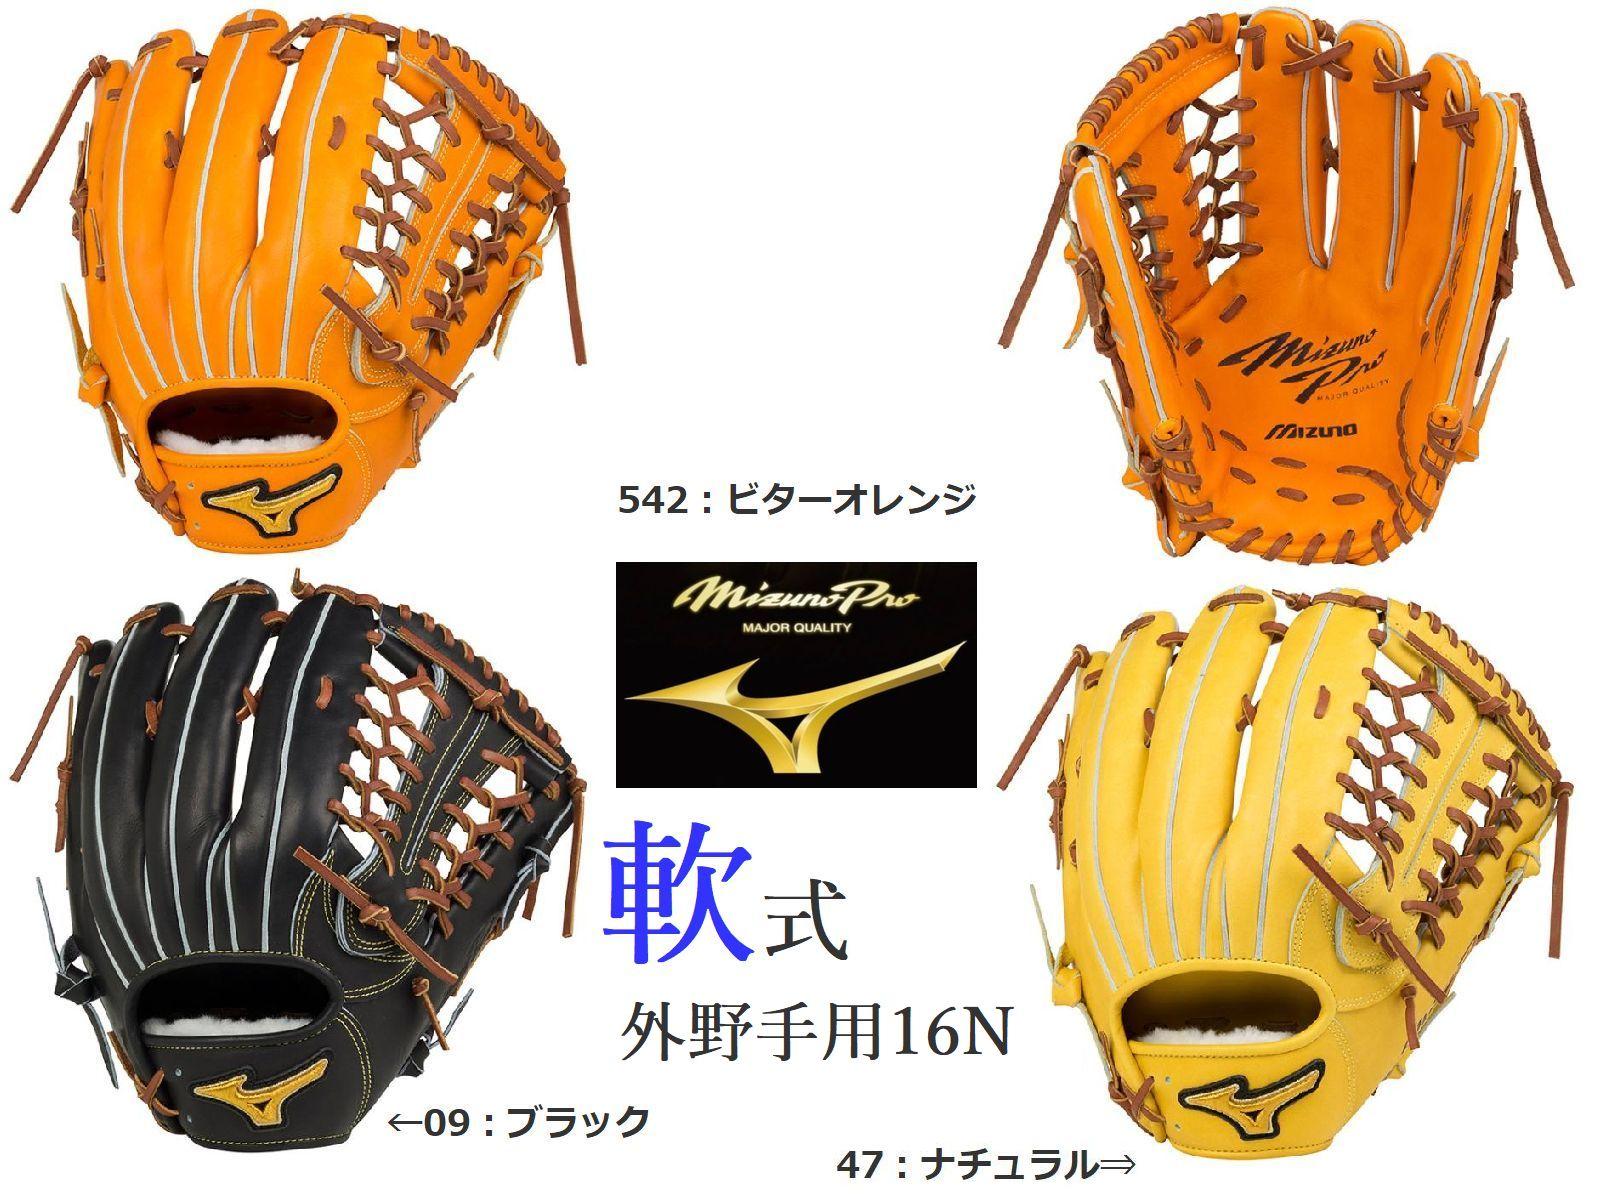 【Mizuno PRO=ミズノプロ】野球 一般 軟式用 グラブ グローブ<フィンガーコアテクノロジー【外野手用16N】>(サイズ:16N)<ナチュラル/ビターオレンジ/ブラック>(右投用/左投用)